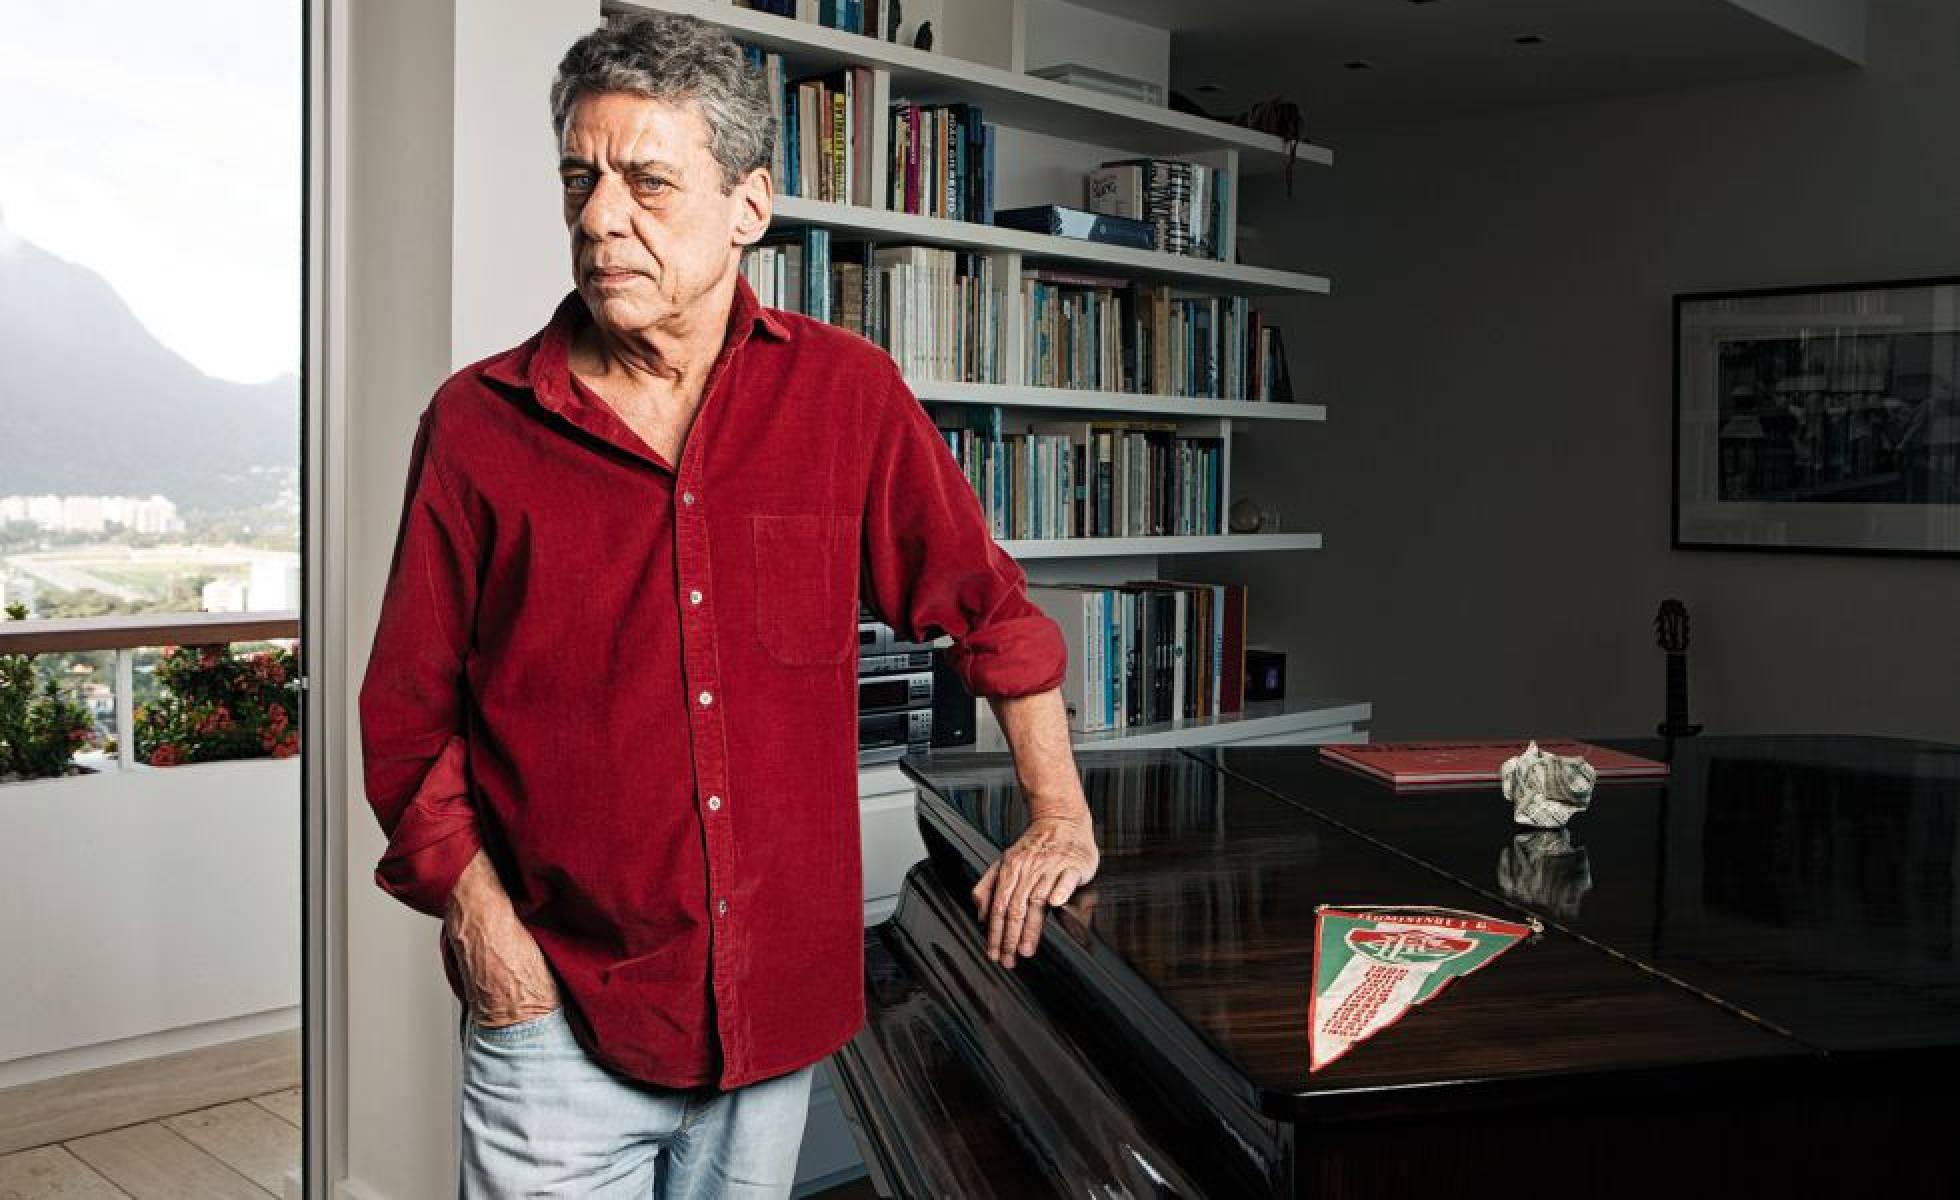 O Brasil precisa voltar a amar Chico Buarque